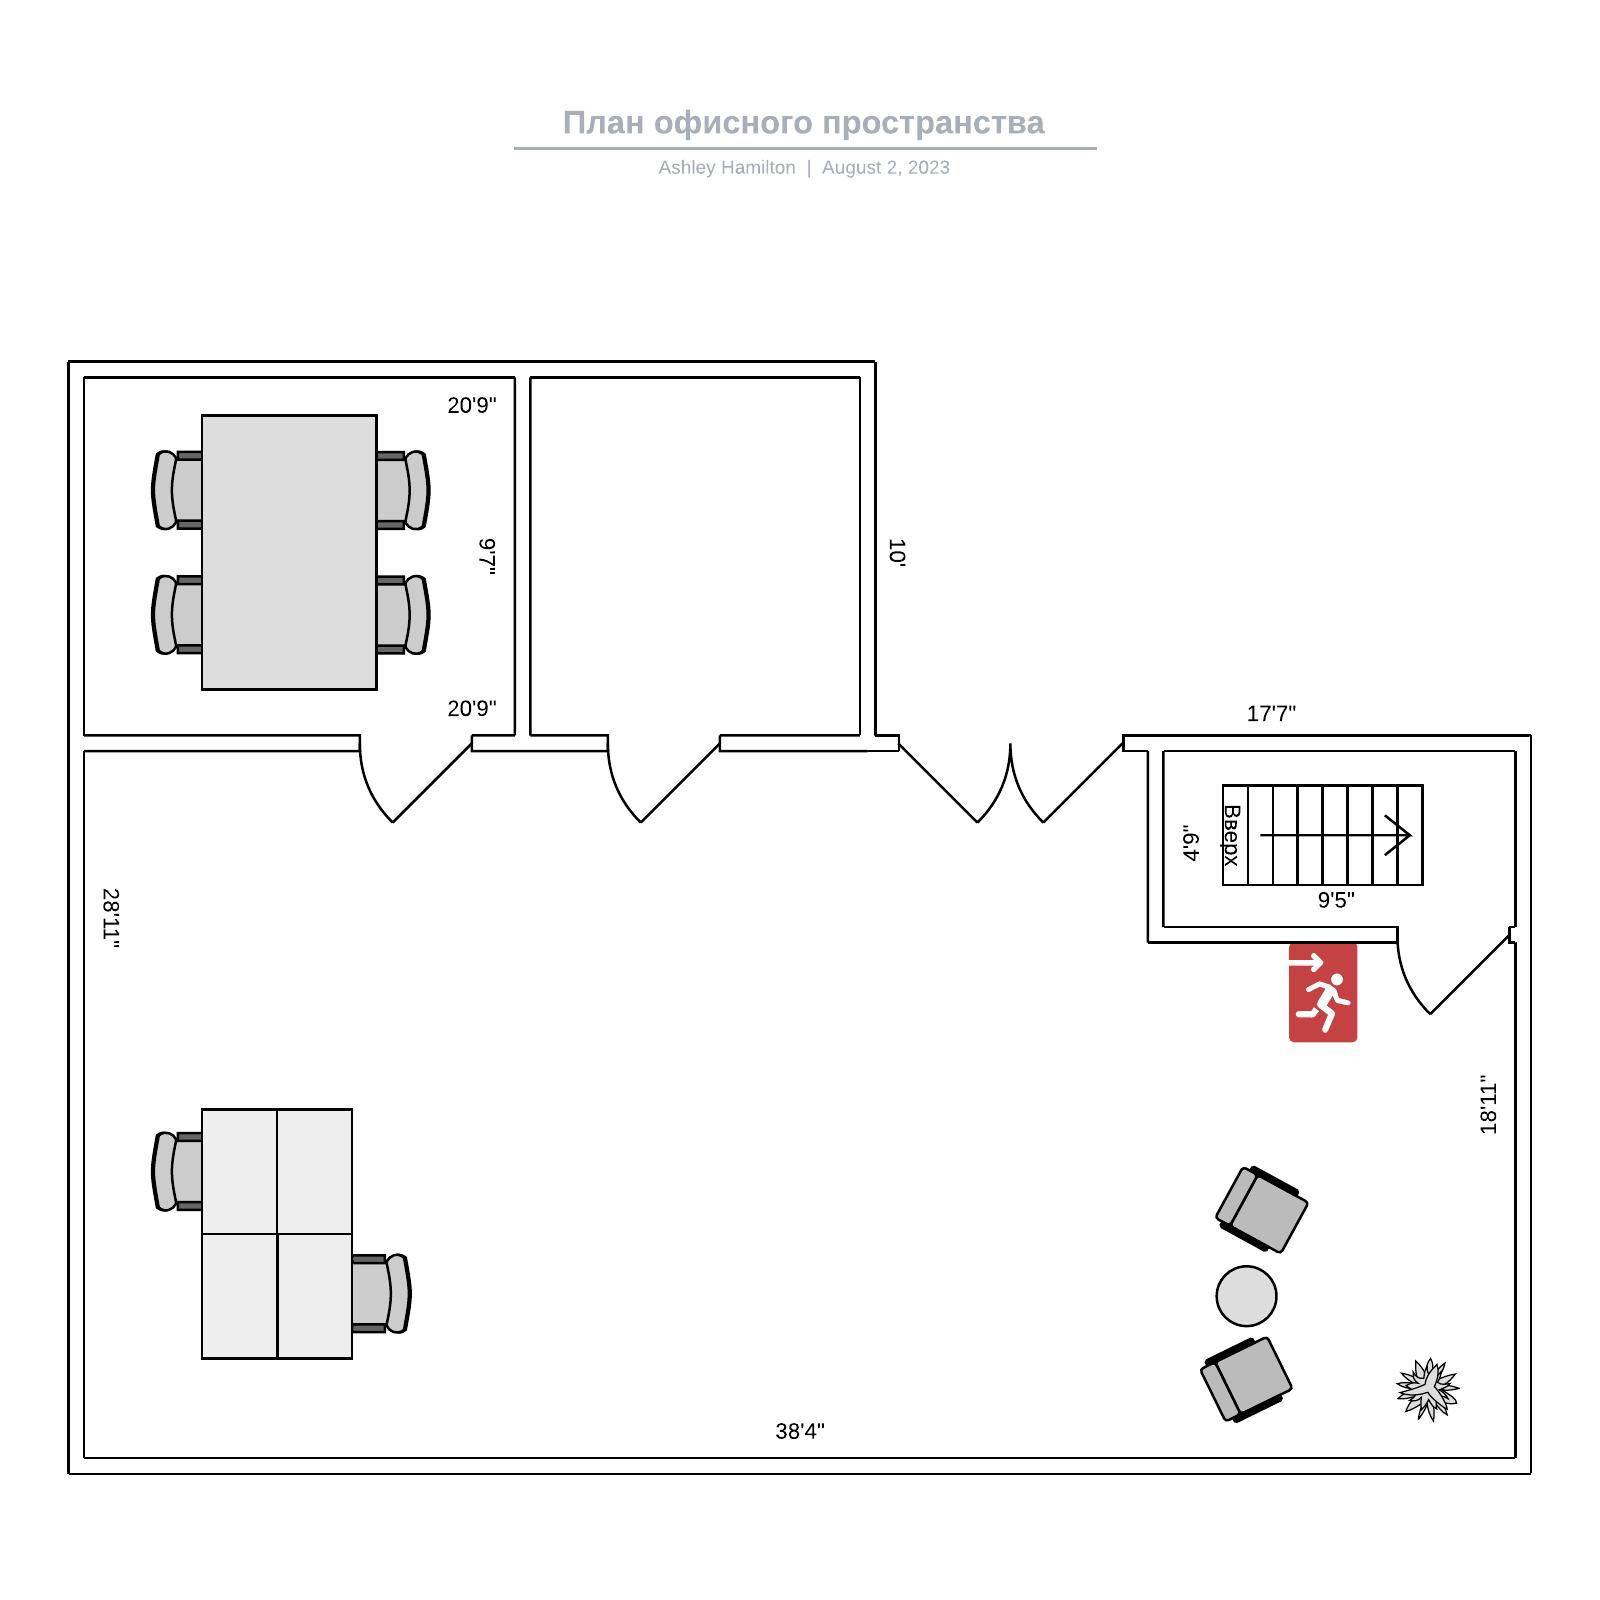 План офисного пространства